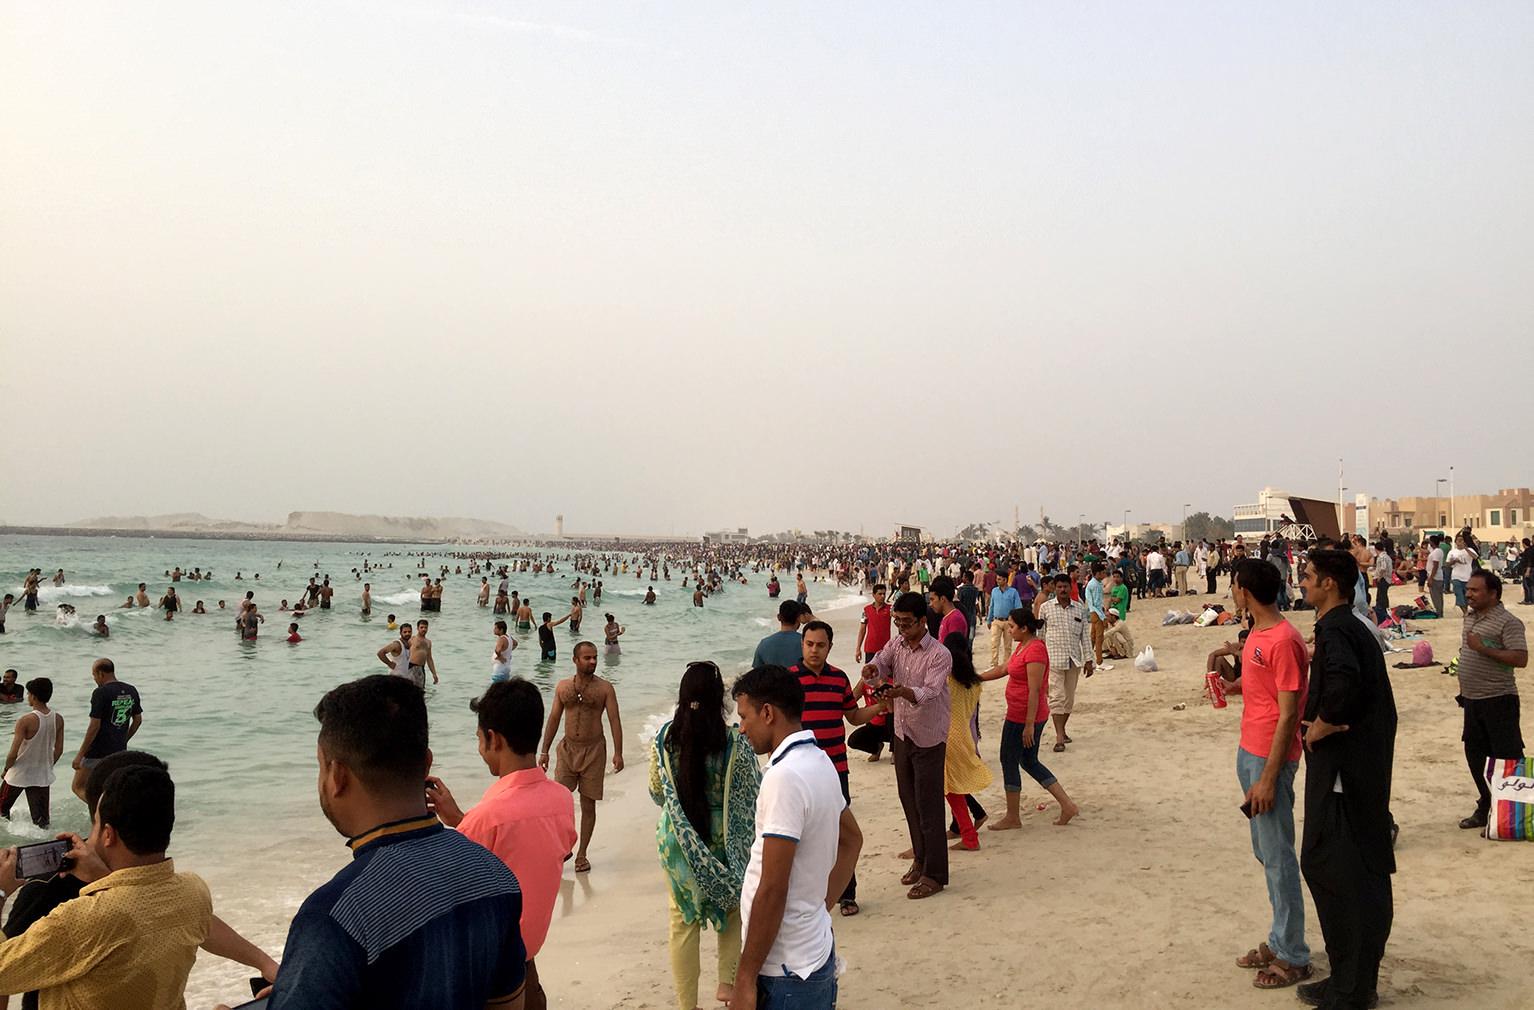 Общественный пляж возле Бурдж Аль Араб в Дубаи